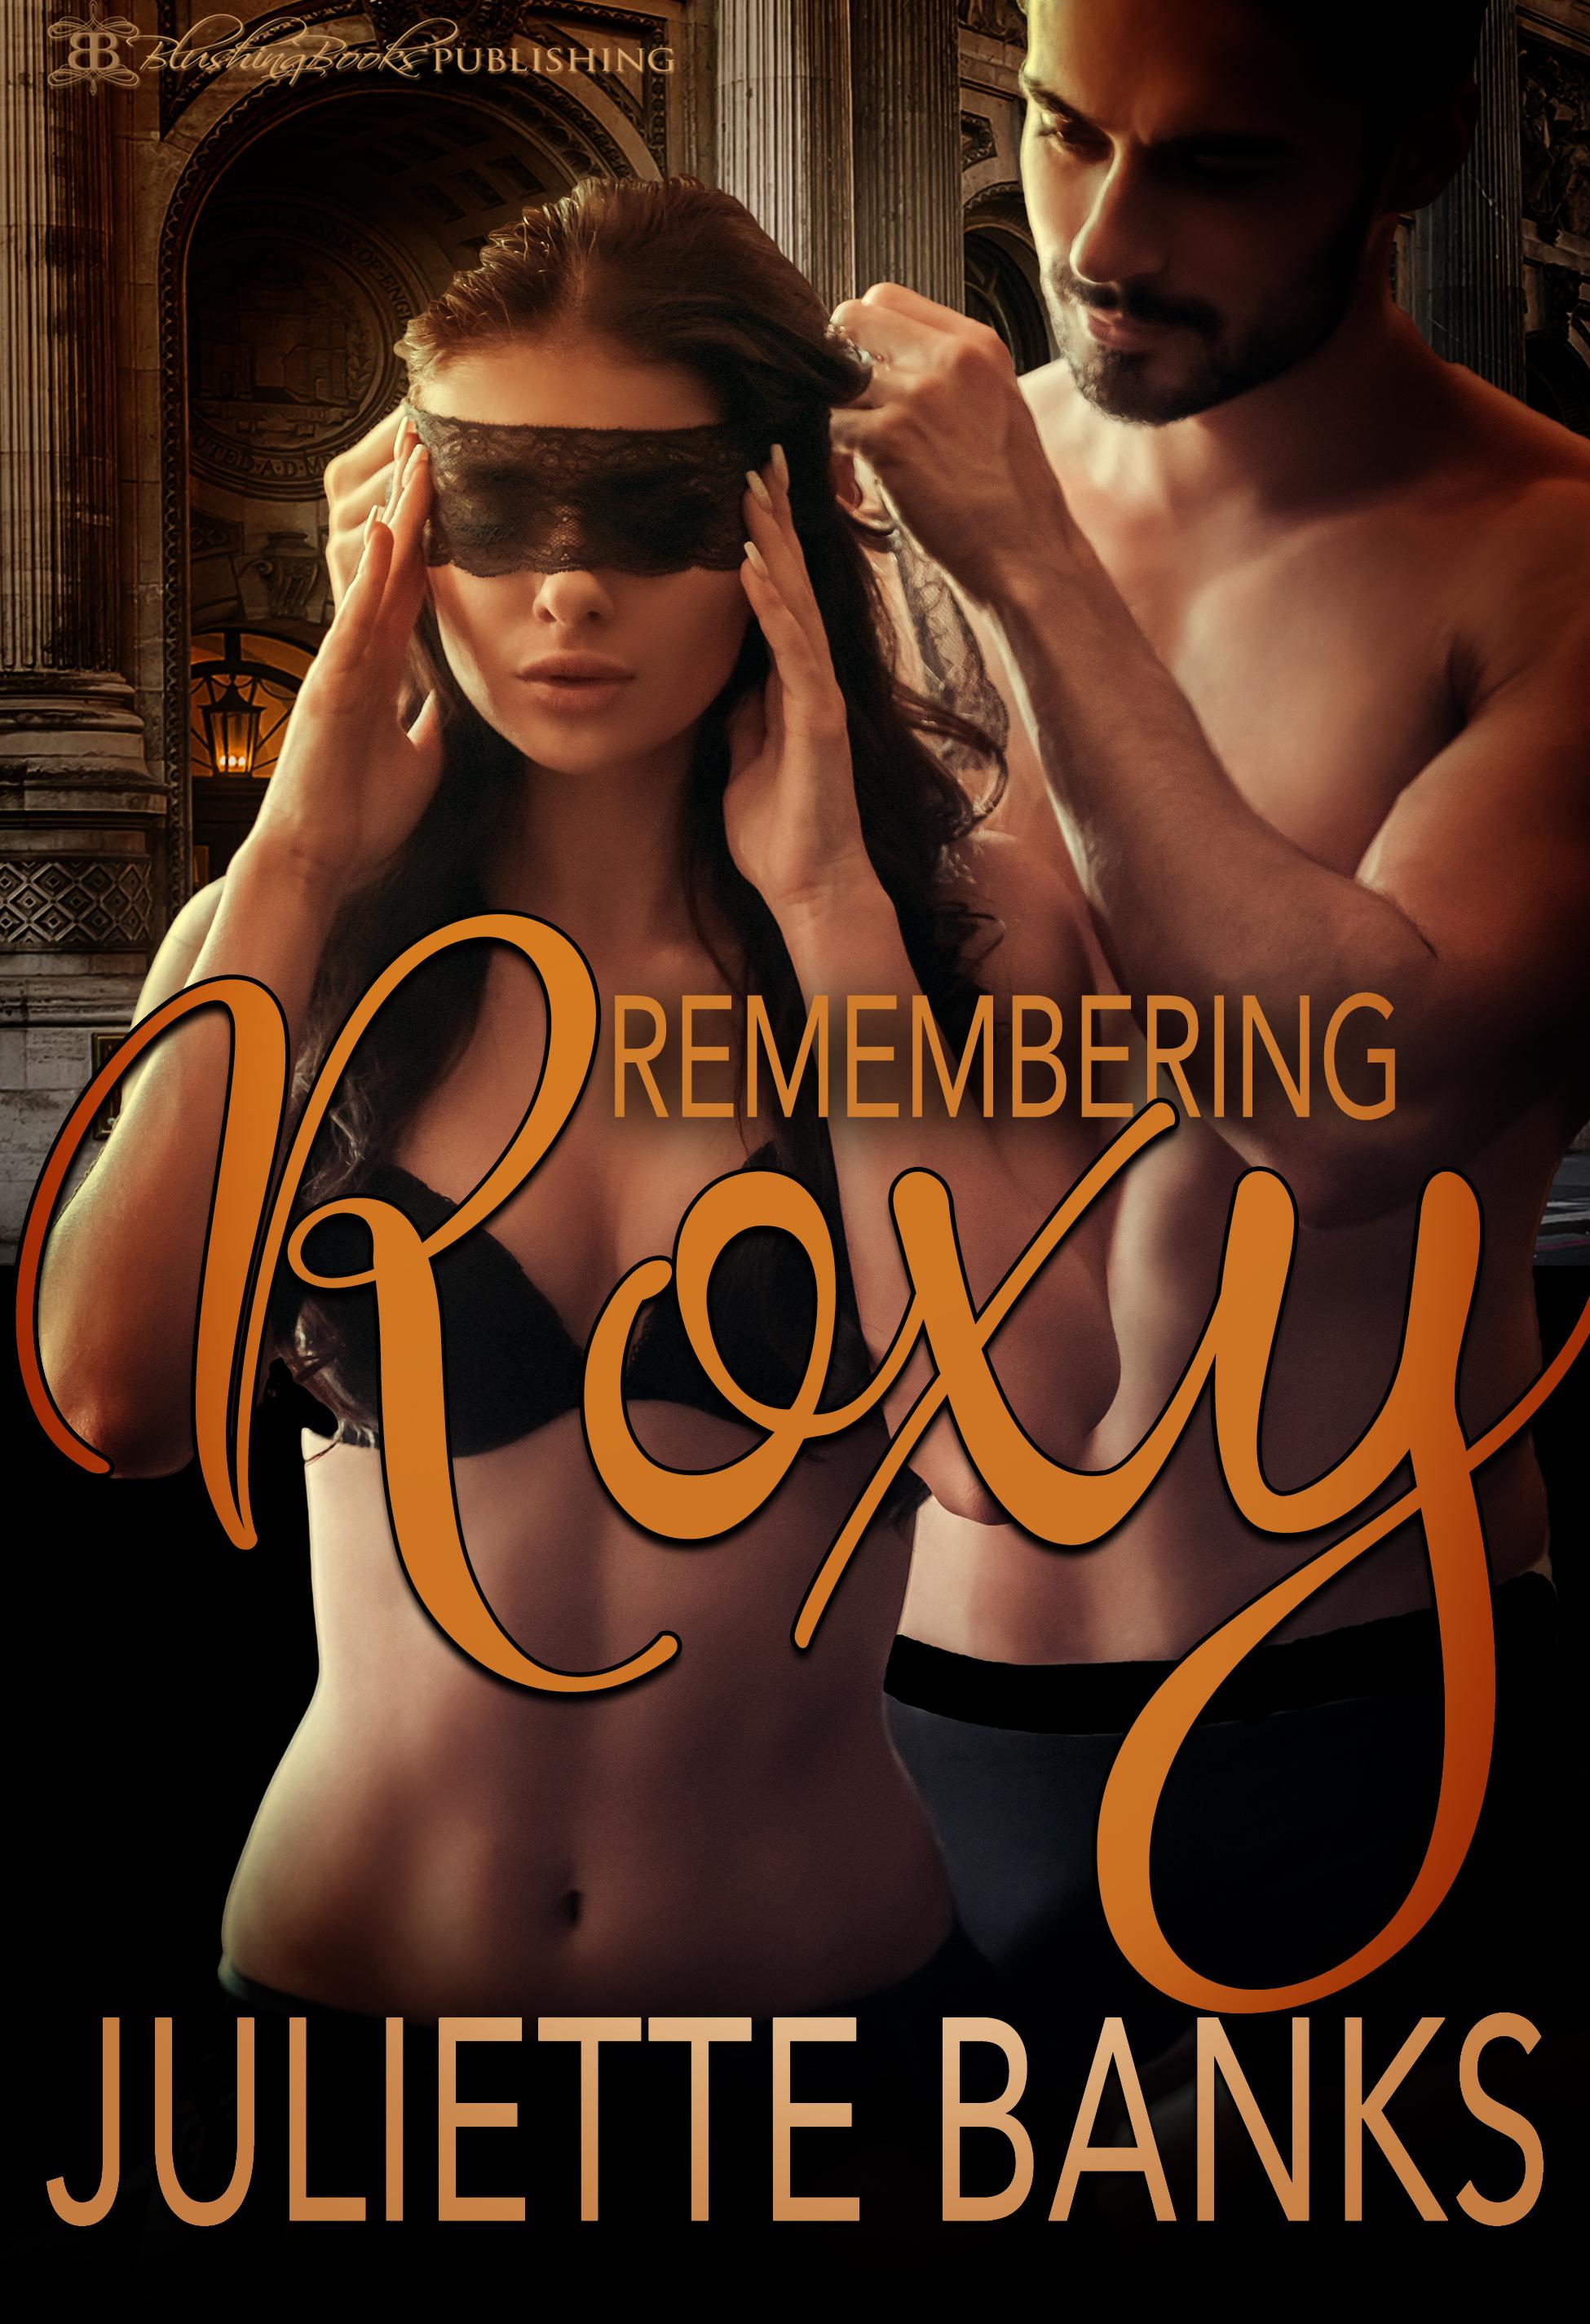 Remembering_roxy